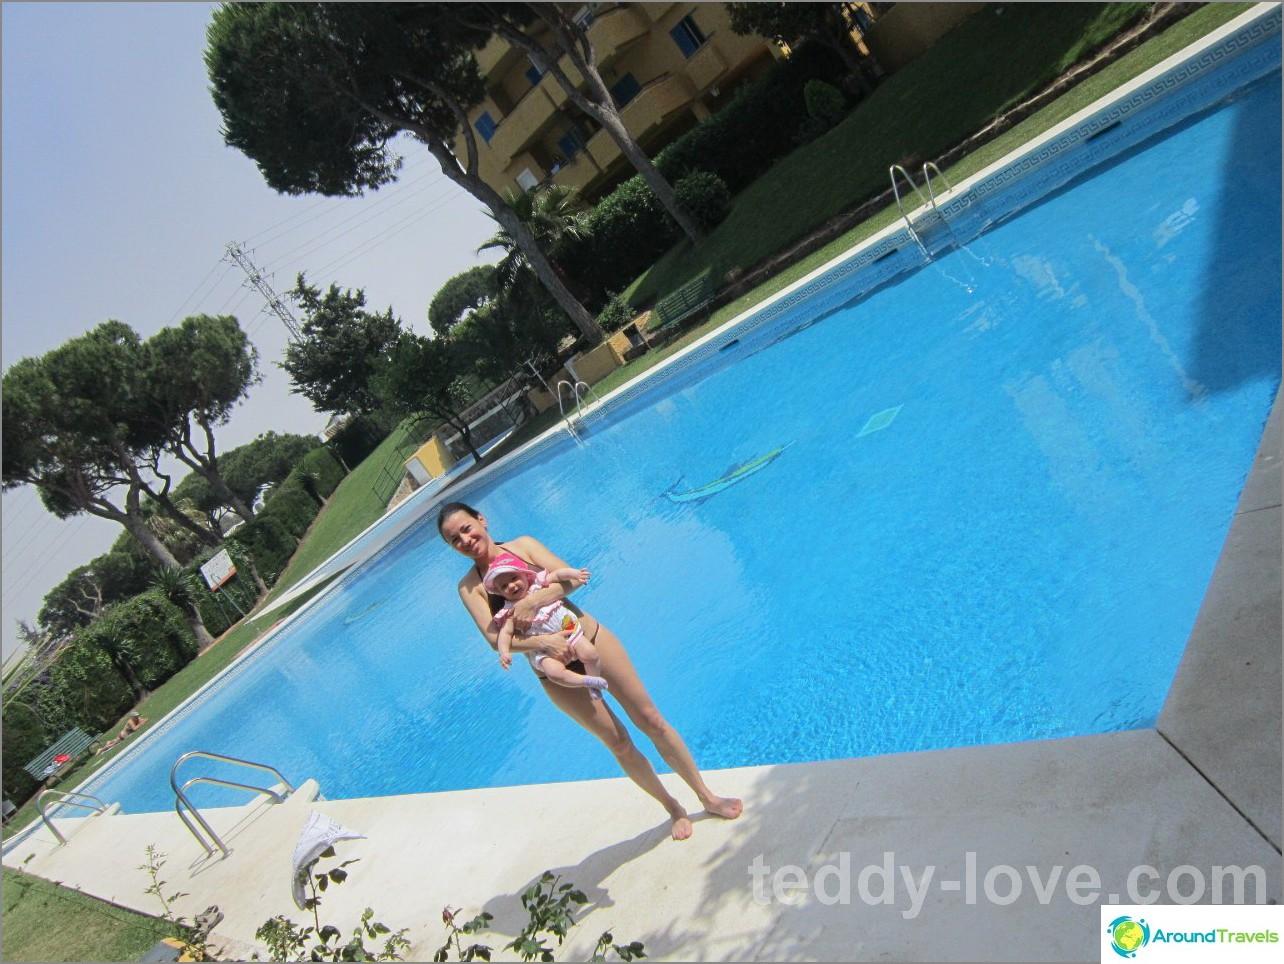 Espanjalaiseen asuntoomme seurasi aikuisten ja lasten uima-altaat suljetulla 3 talon alueella. Ja siellä on paljon paikka elää ruohoa aurinkoa.